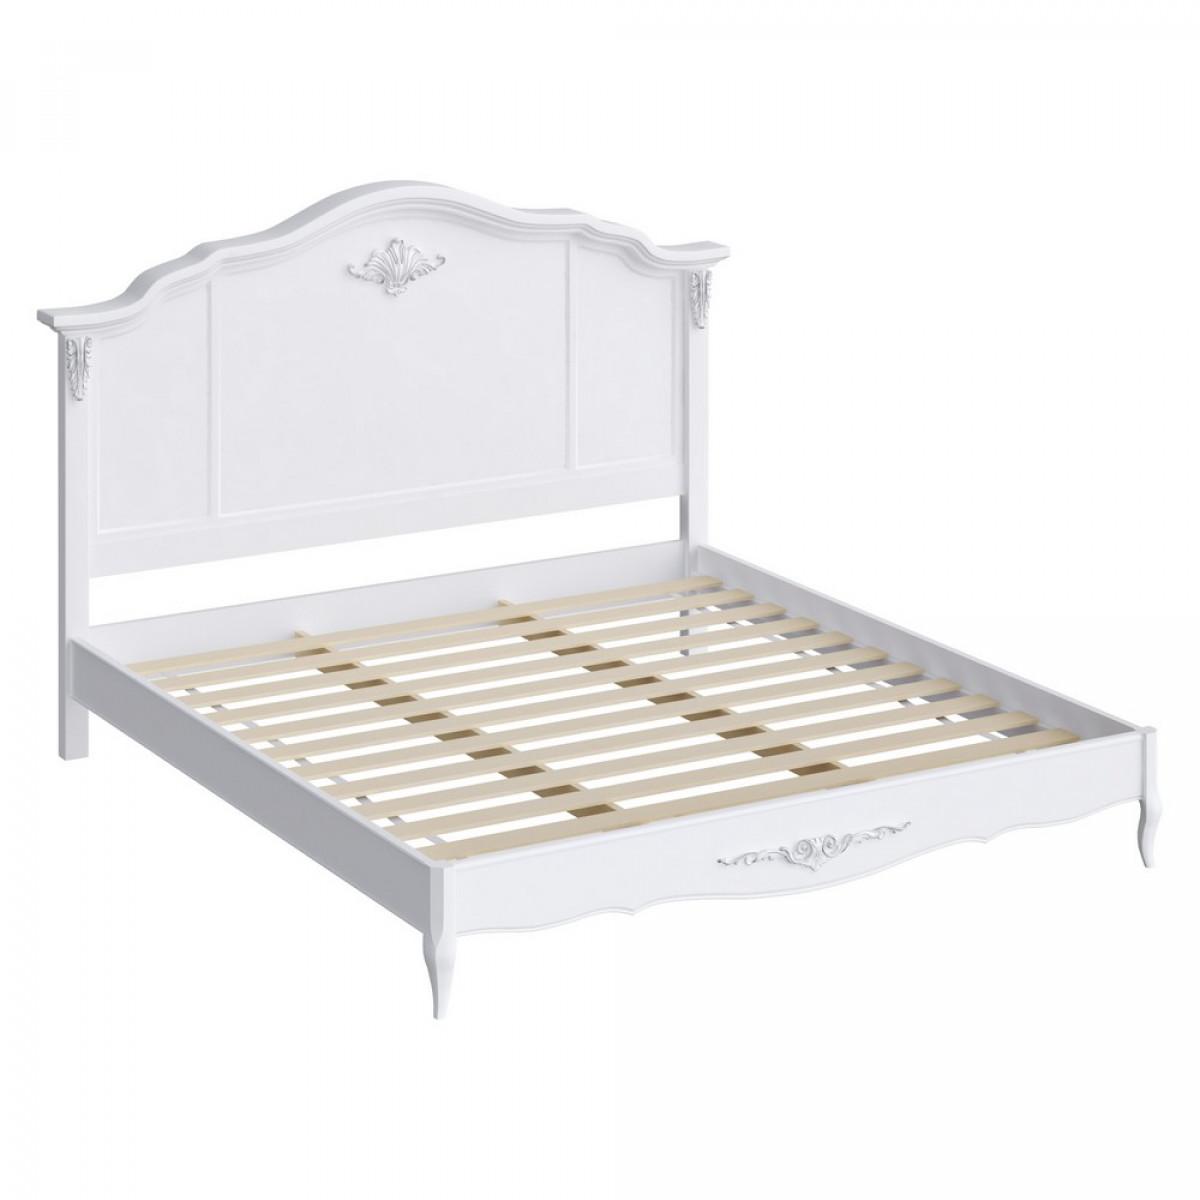 S101-K00-S Кровать 180*200 коллекция Silvery Rome